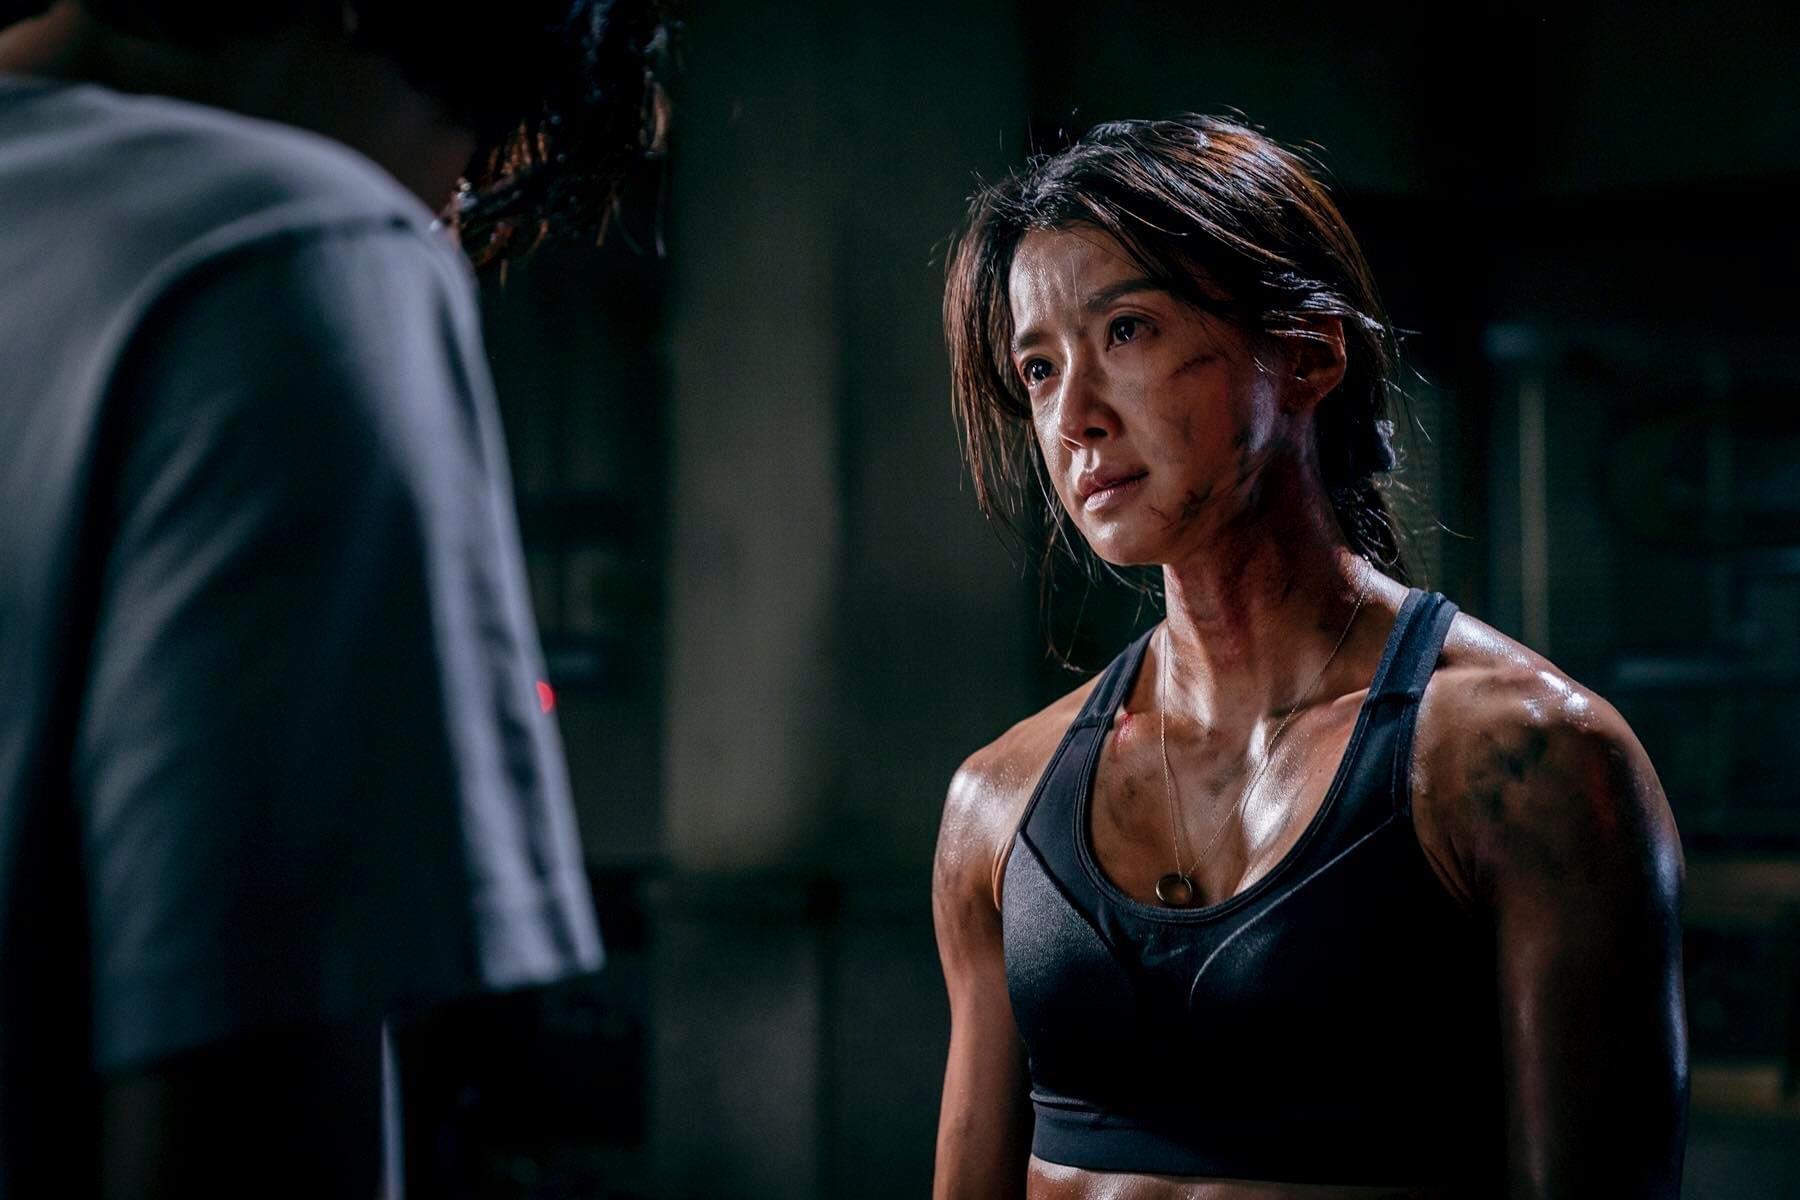 背肌还可以长这样?韩剧《甜蜜家园》演员身材引热议,38岁的她还曾是拳击冠军插图5